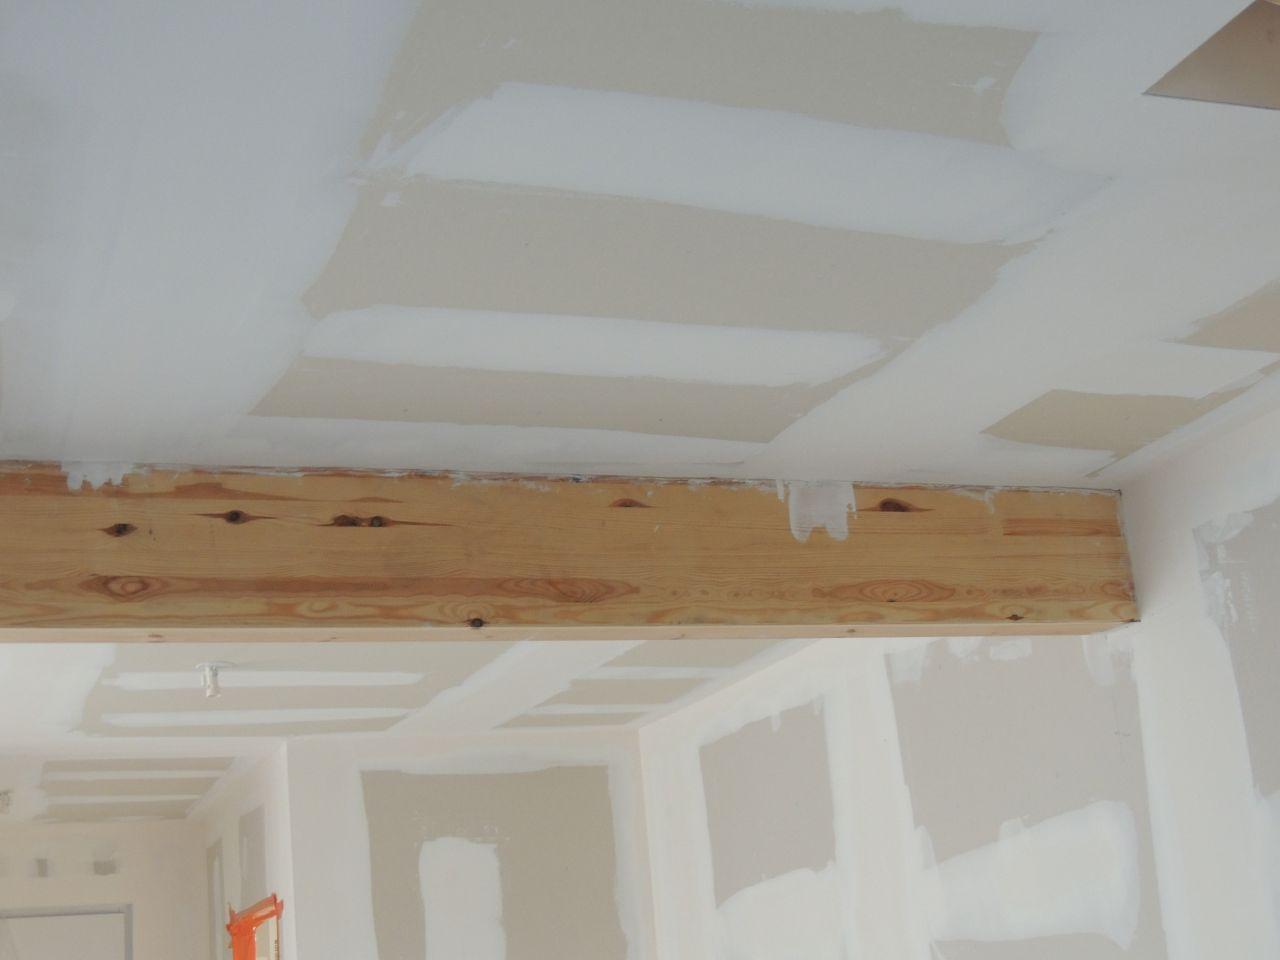 cloisons du plafond et poutre enduite dans la foulée